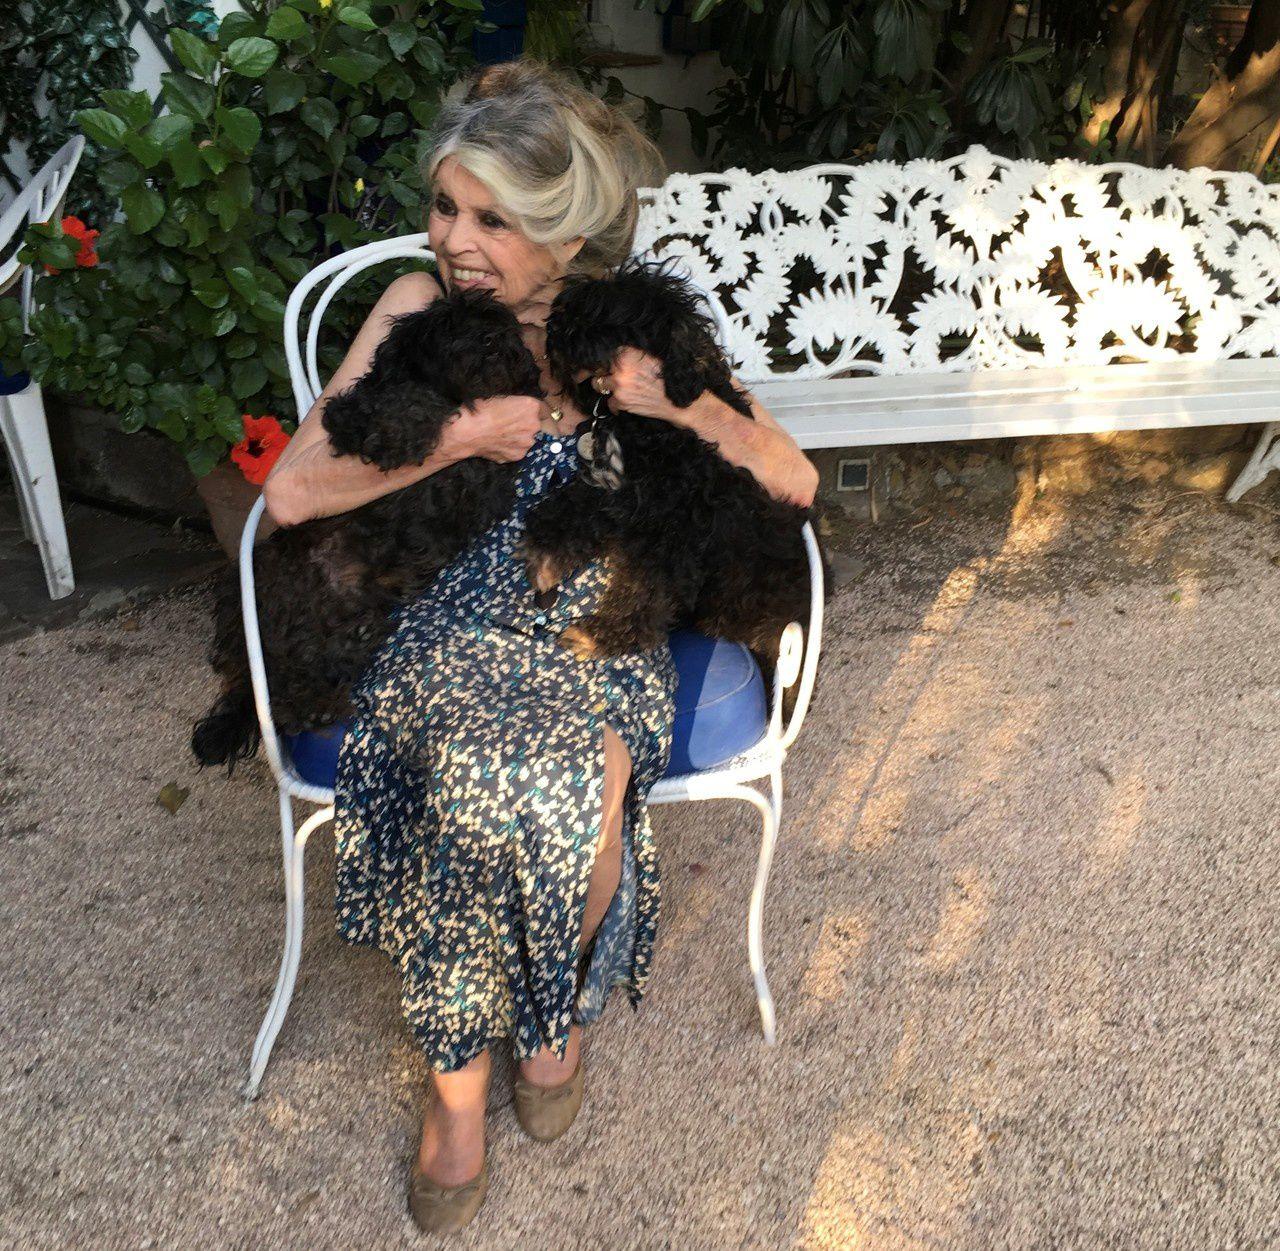 Fiona et Filoute dans les bras de Brigitte Bardot...Photo Bernard D'Ormale